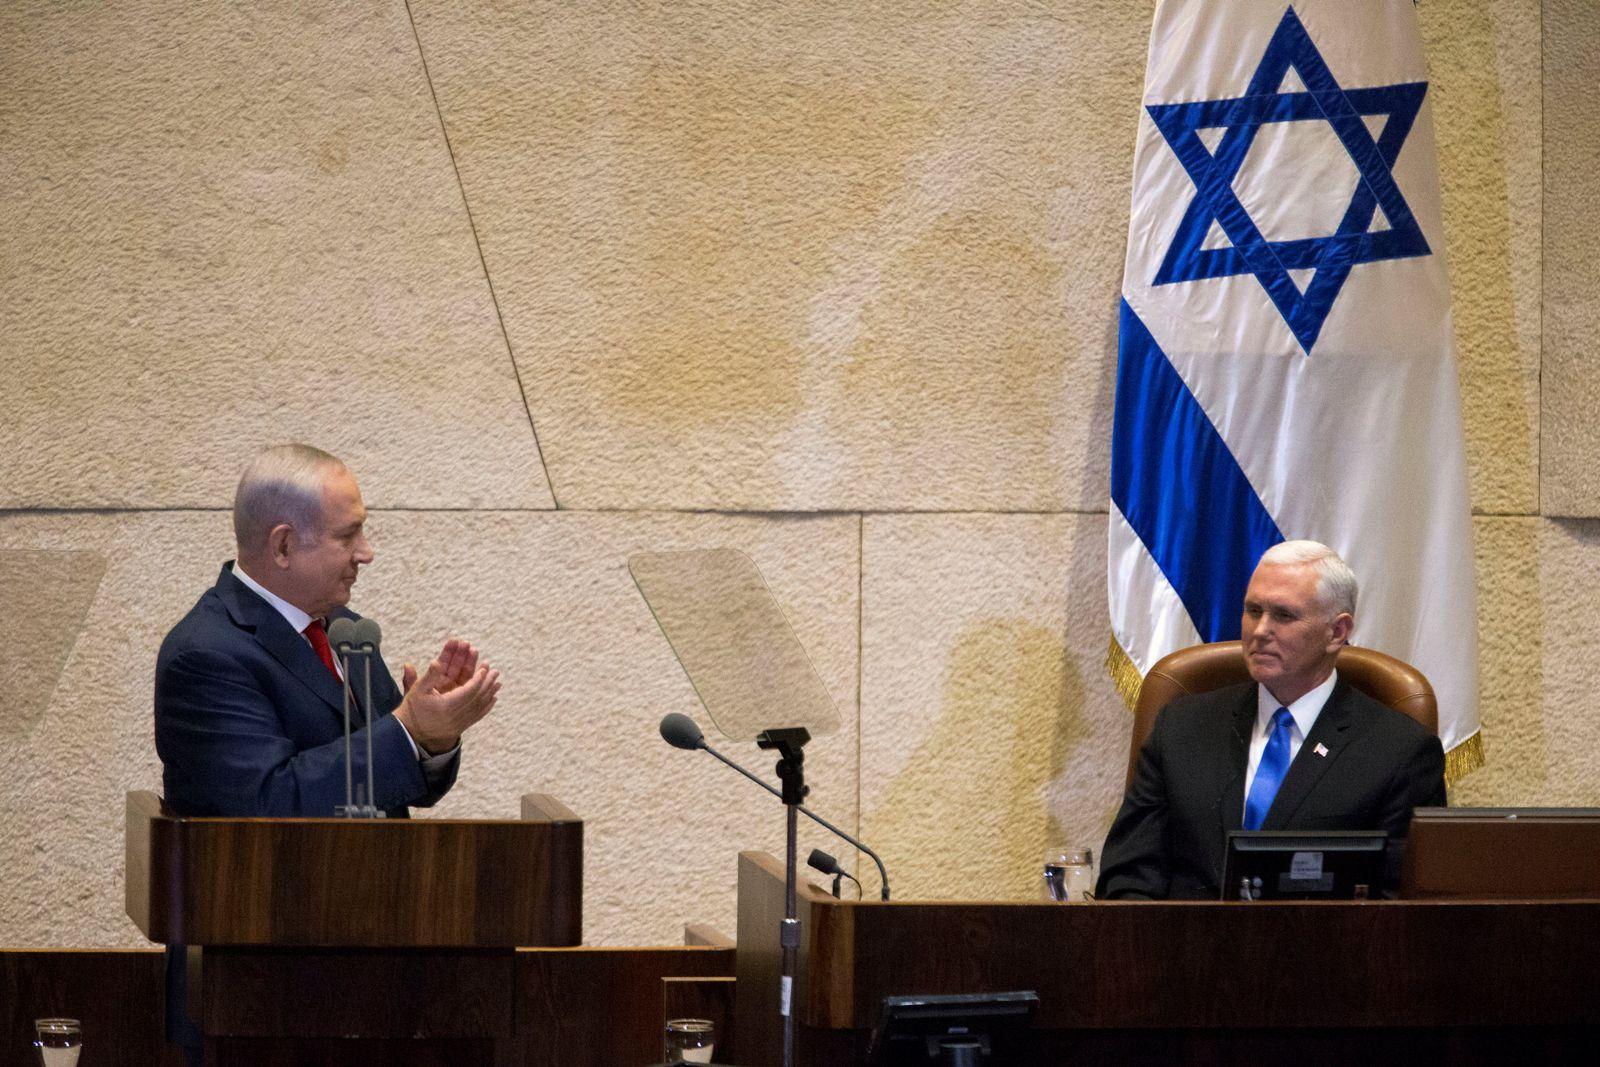 USA-ISRAEL/PENCE